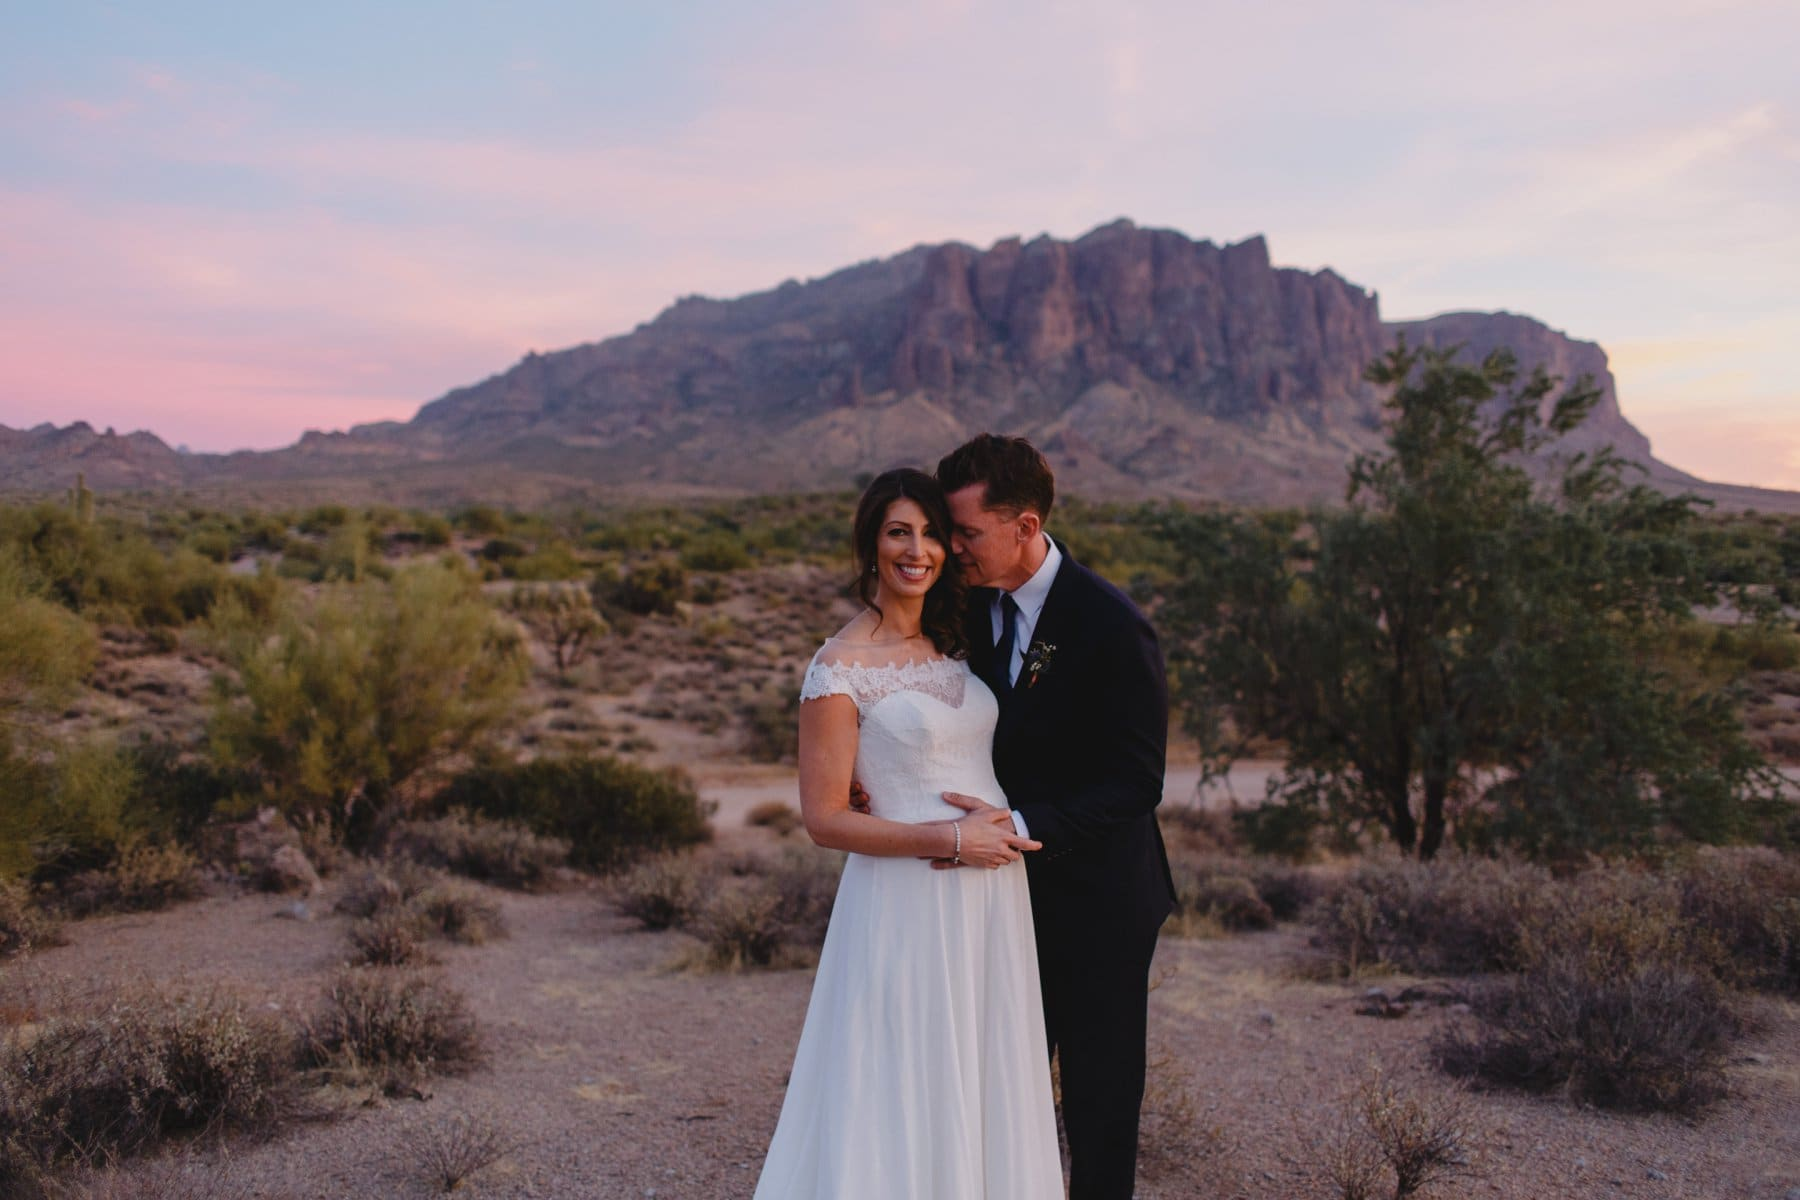 AZ elopement photos